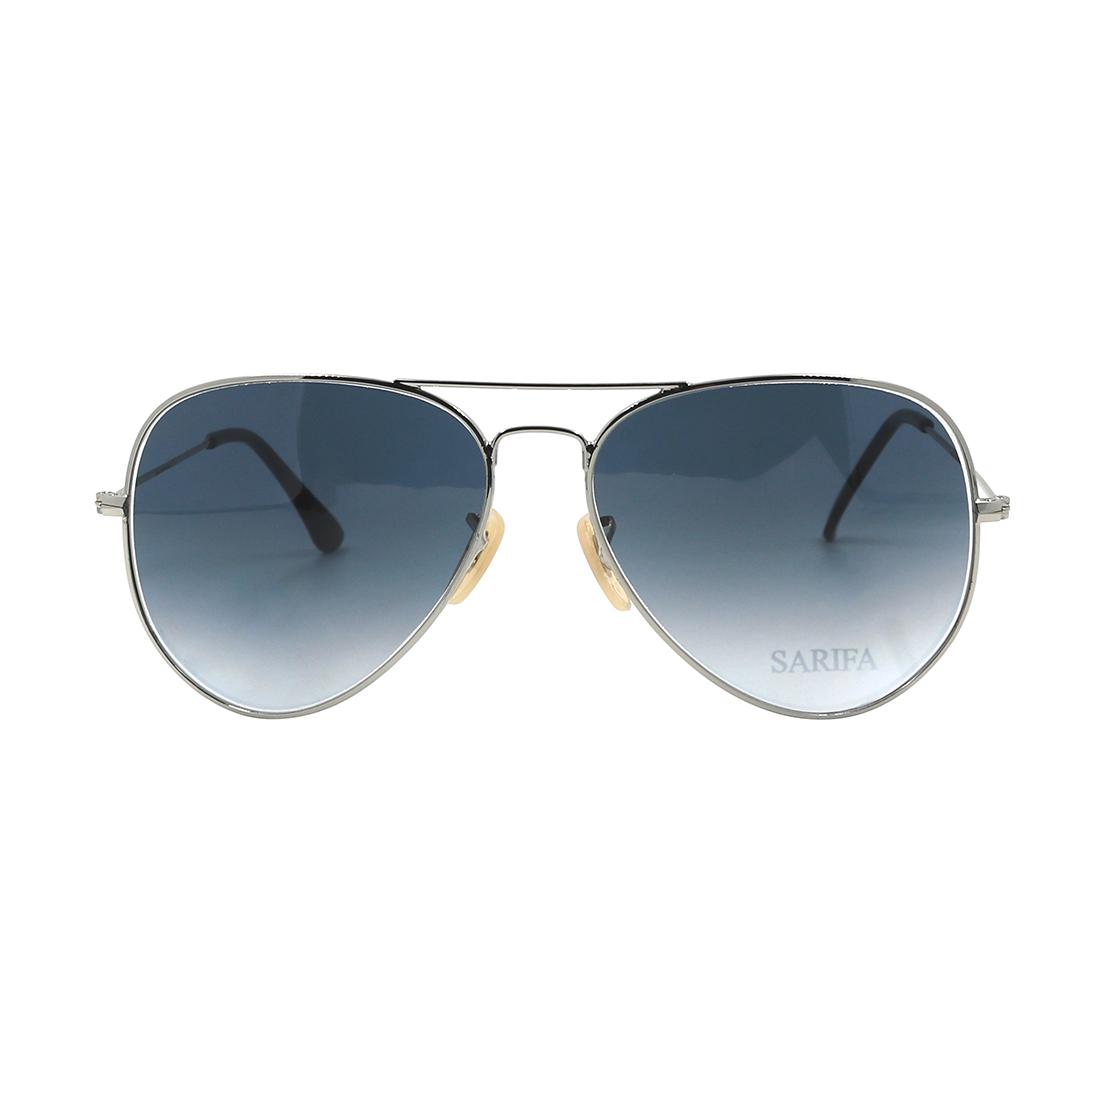 Kính mát, mắt kính SARIFA 3026 B, mắt kính chống UV, mắt kính thời trang